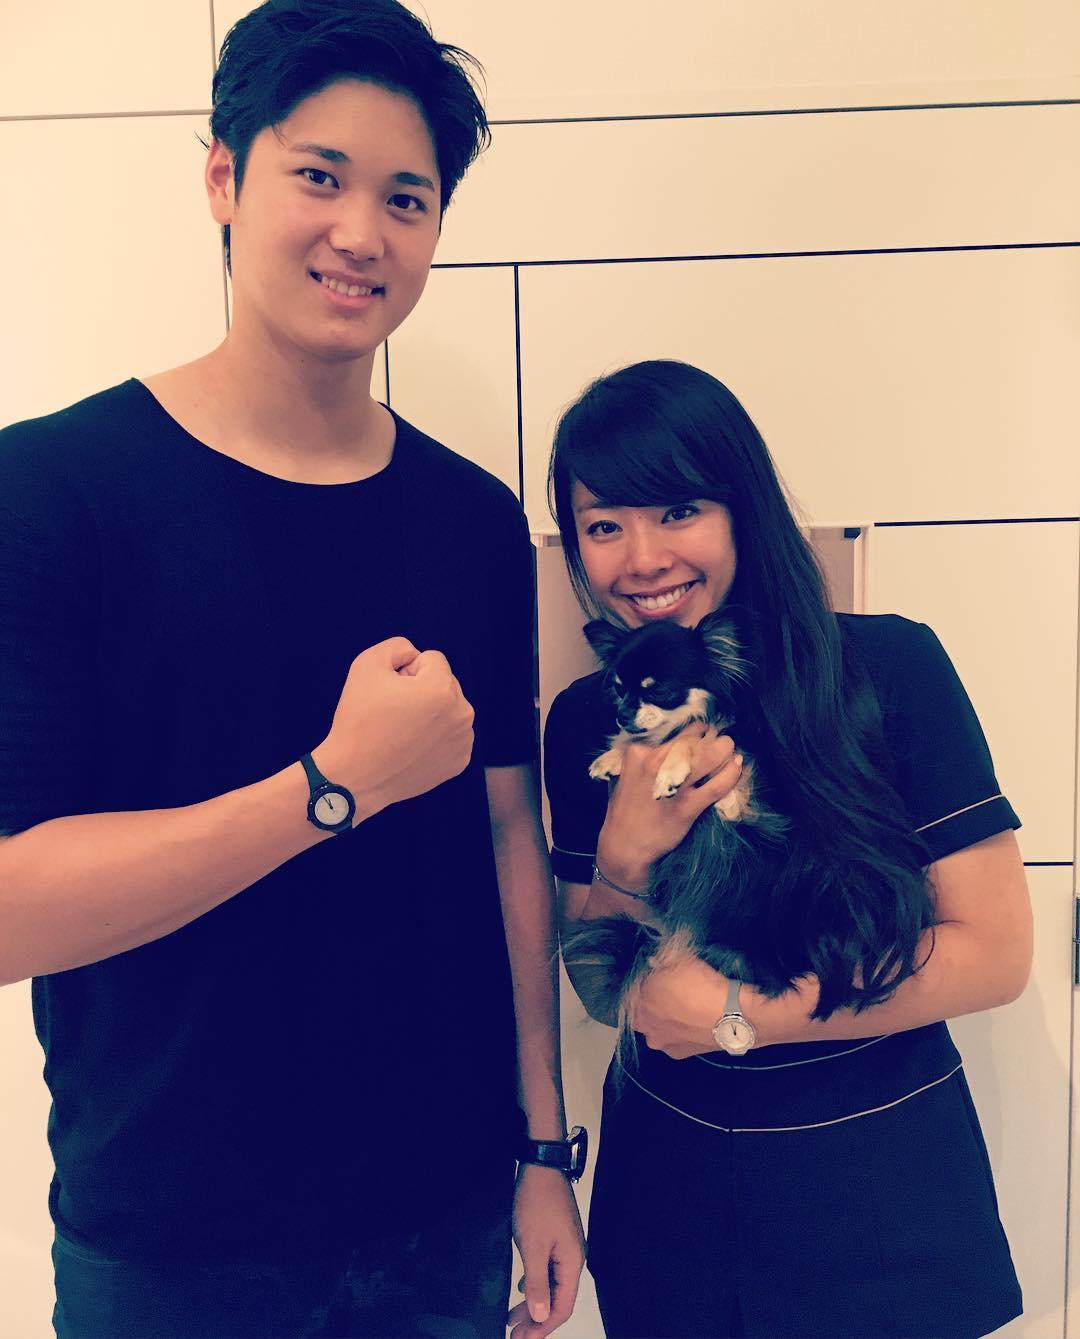 【悲報】大谷翔平さん、子犬を殴ろうとする